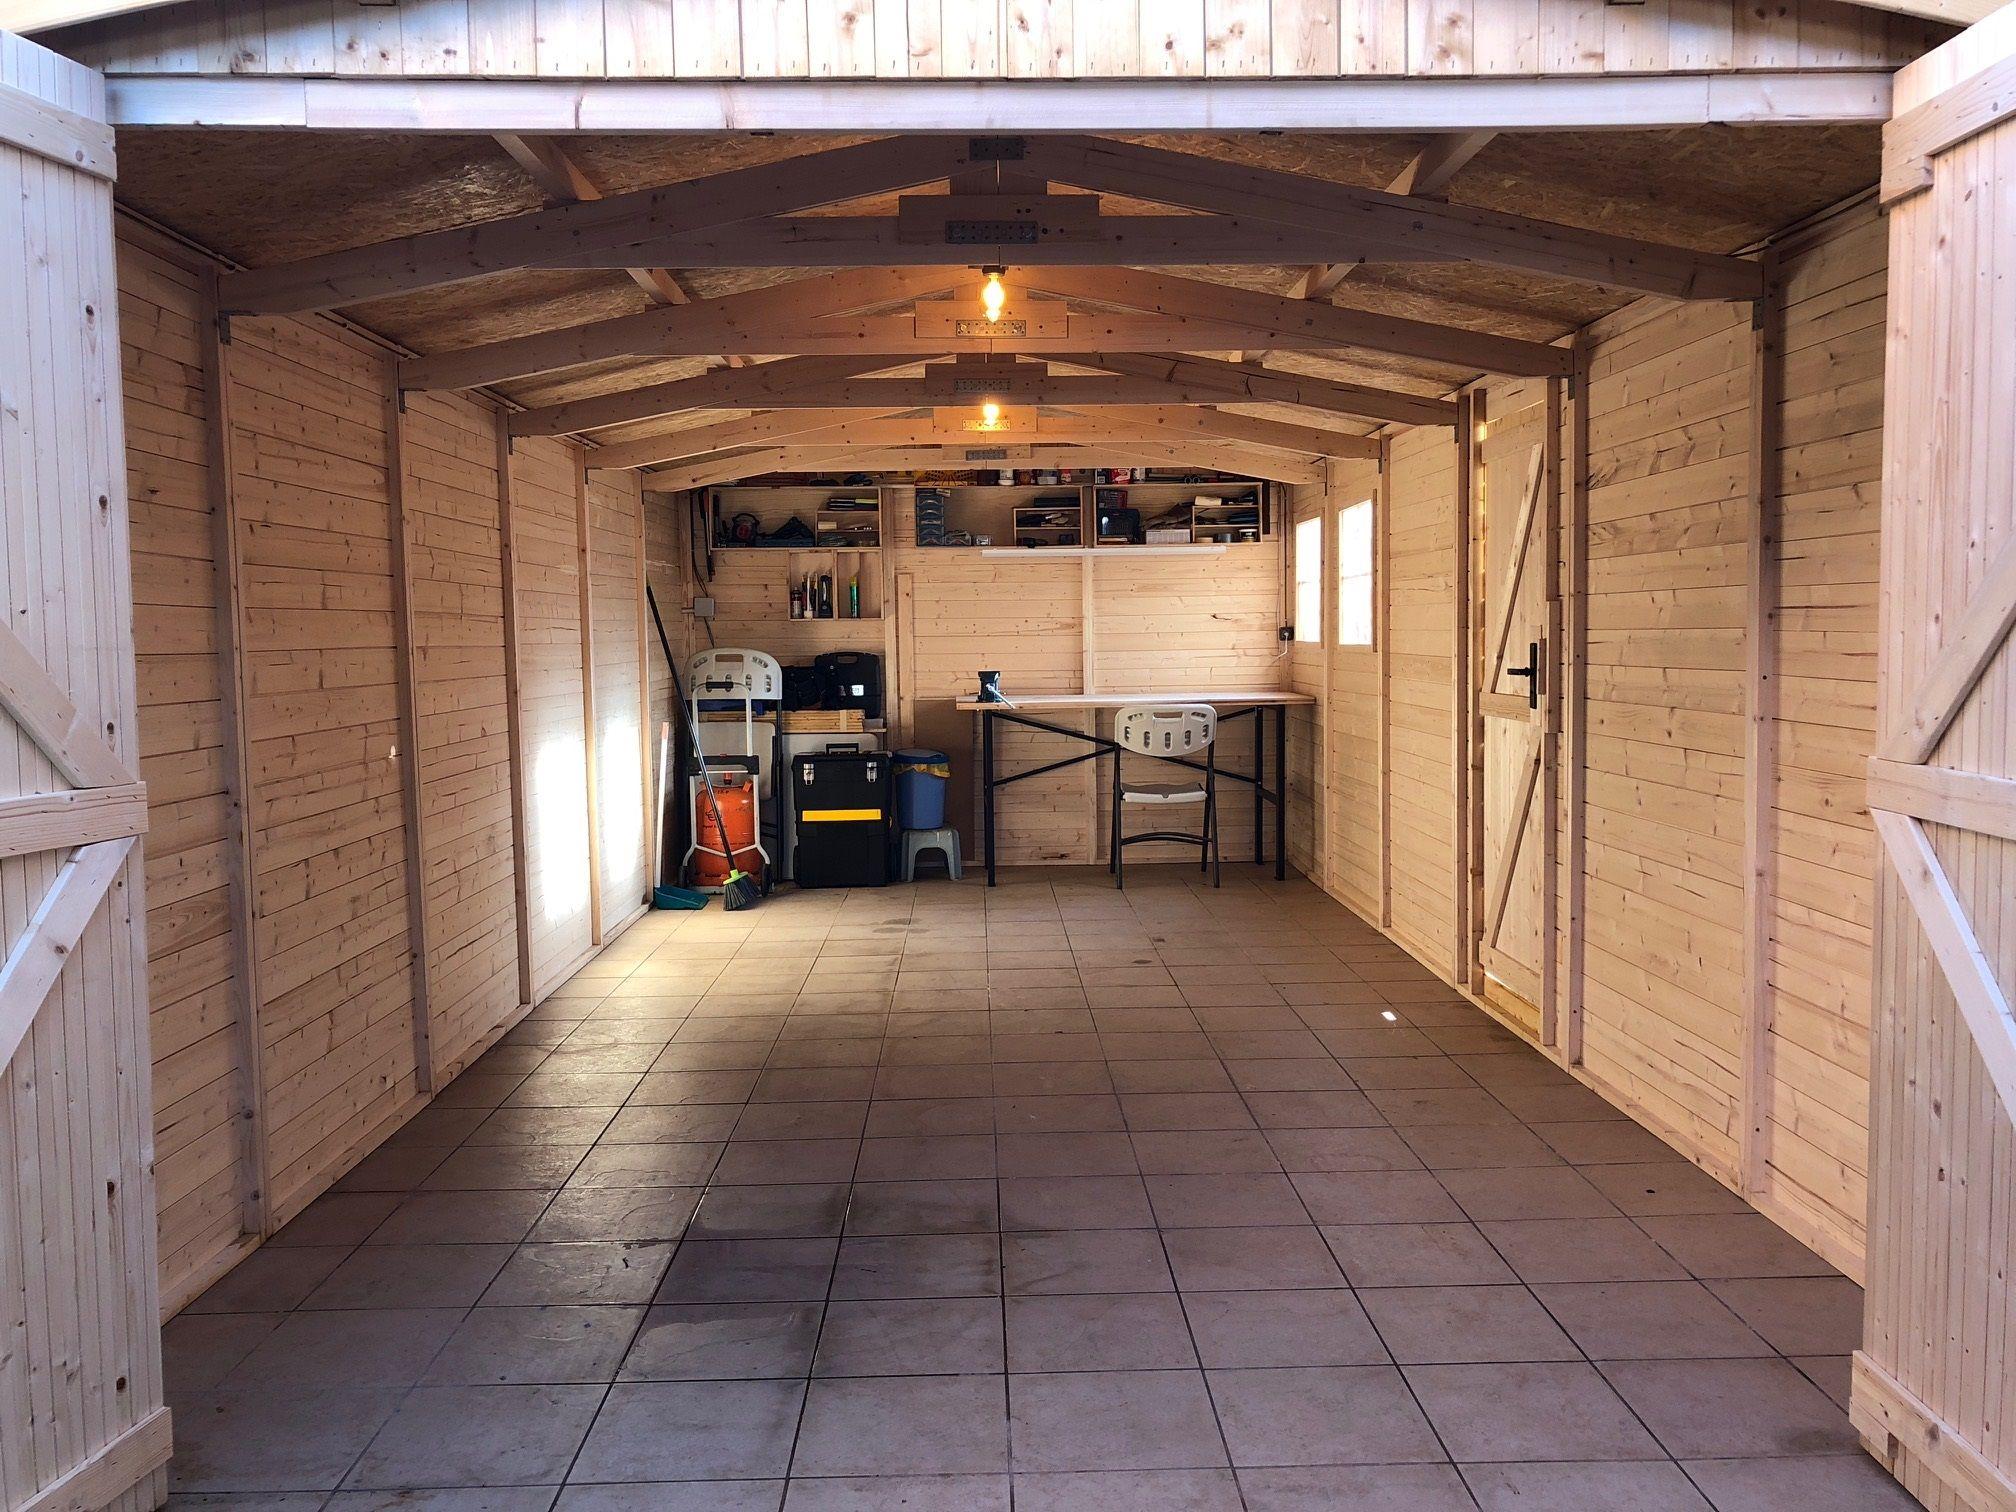 Informaci n antes de comprar un garaje de madera - Puertas de garaje de madera ...